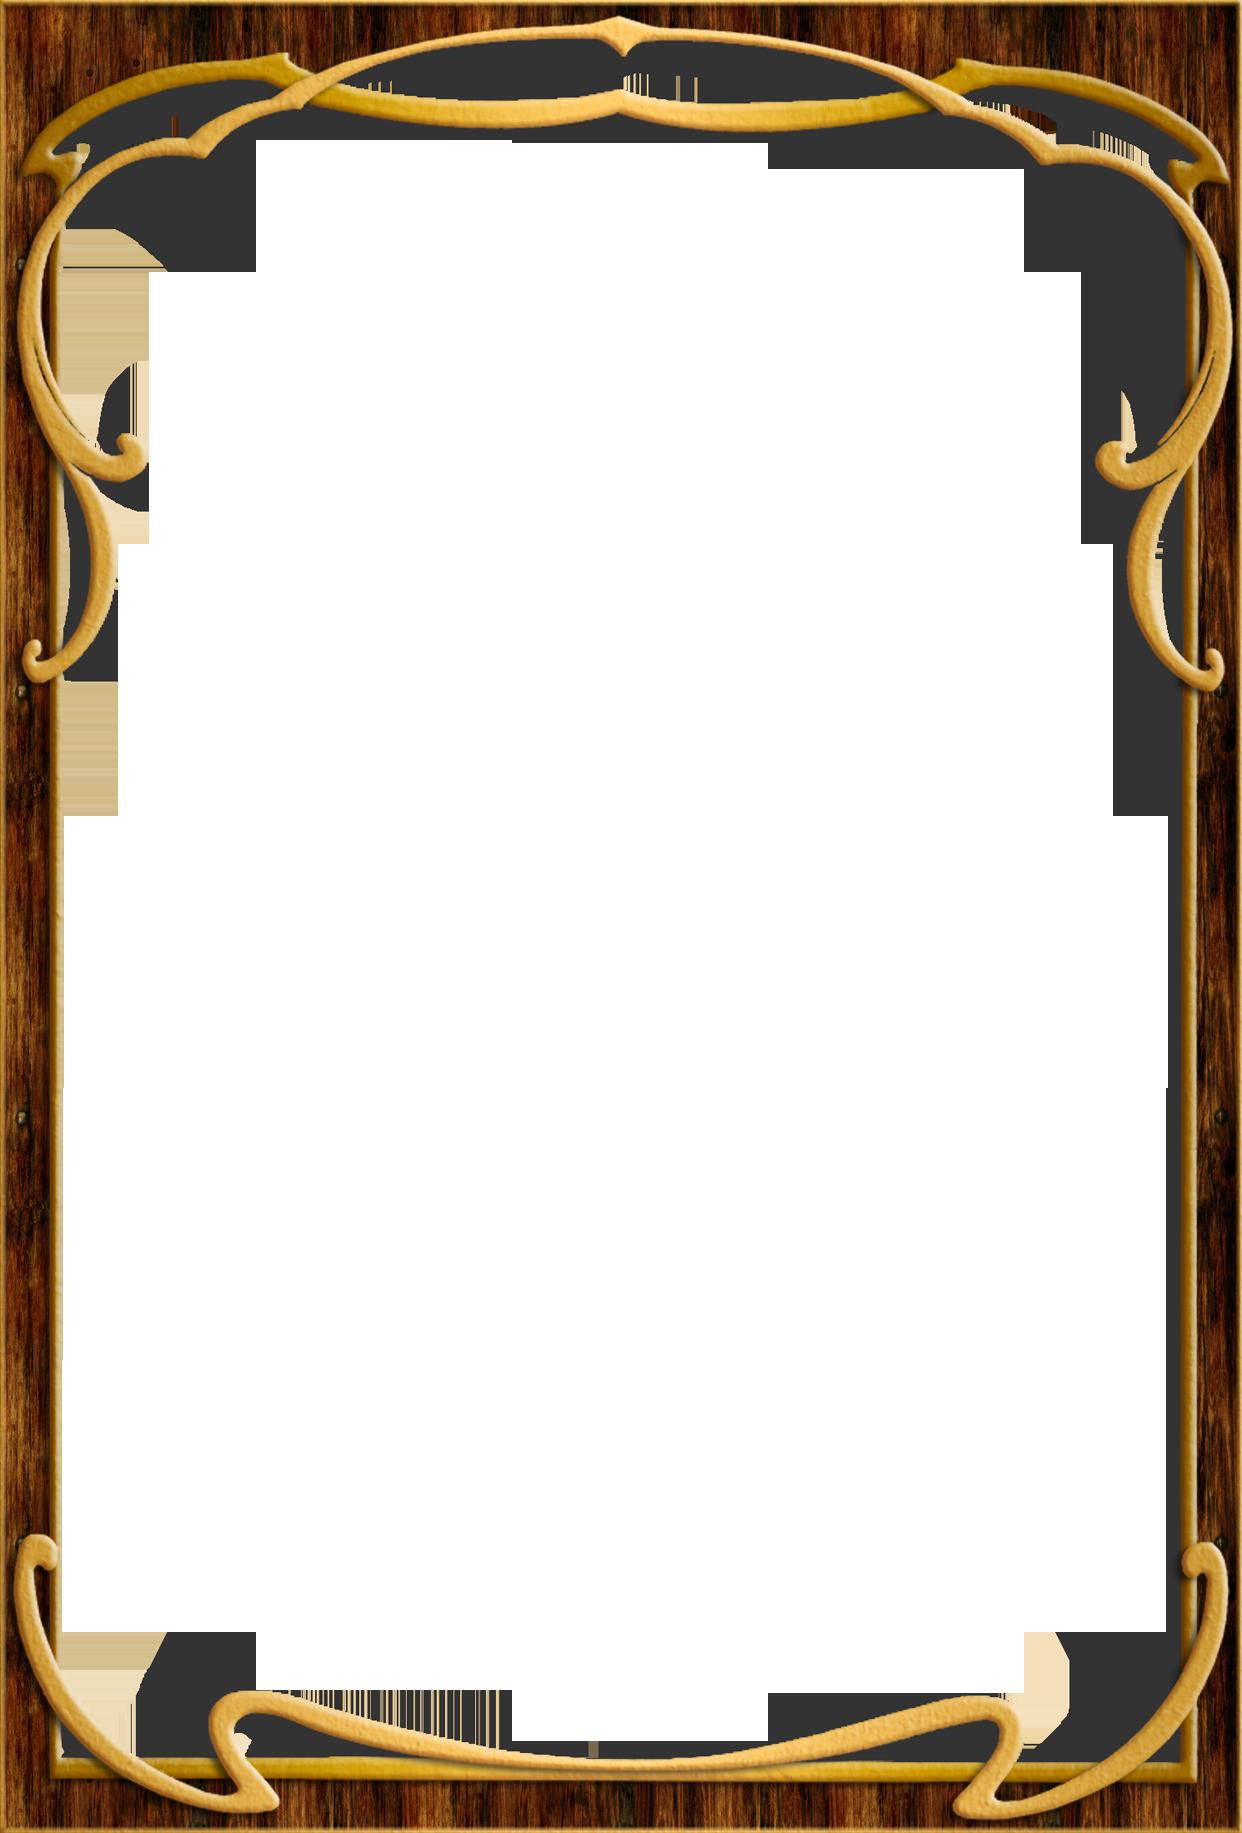 Photo frame png images, photo frame png Transparent.